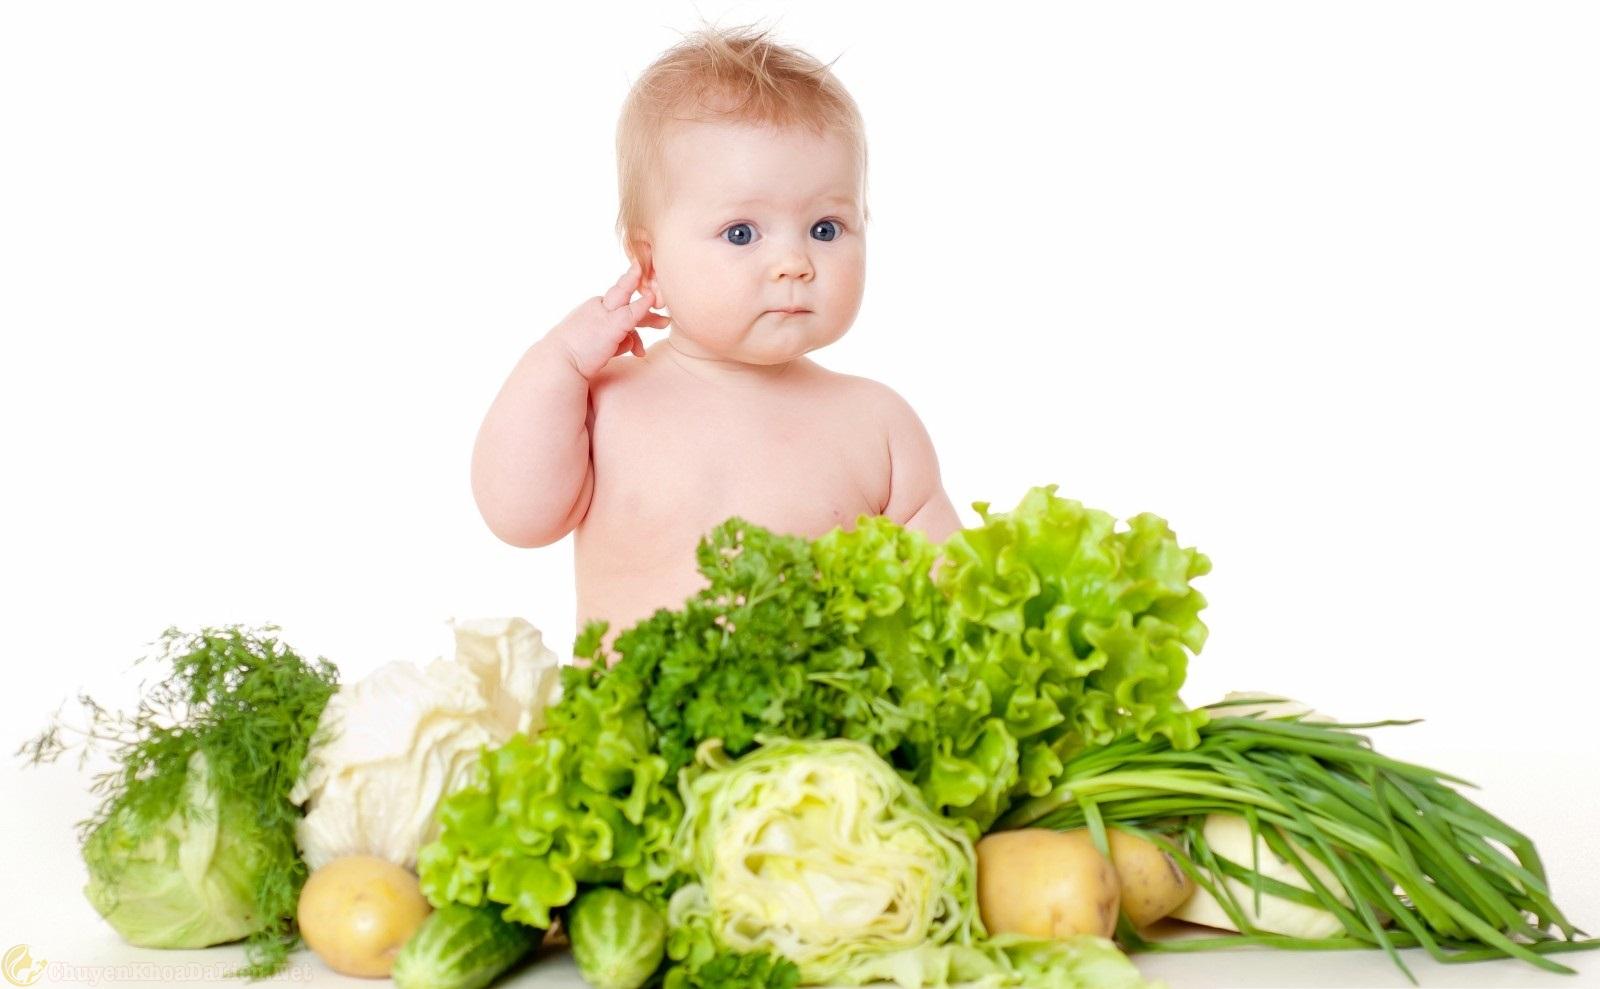 cho trẻ ăn nhiều rau khi bị viêm da cơ địa.